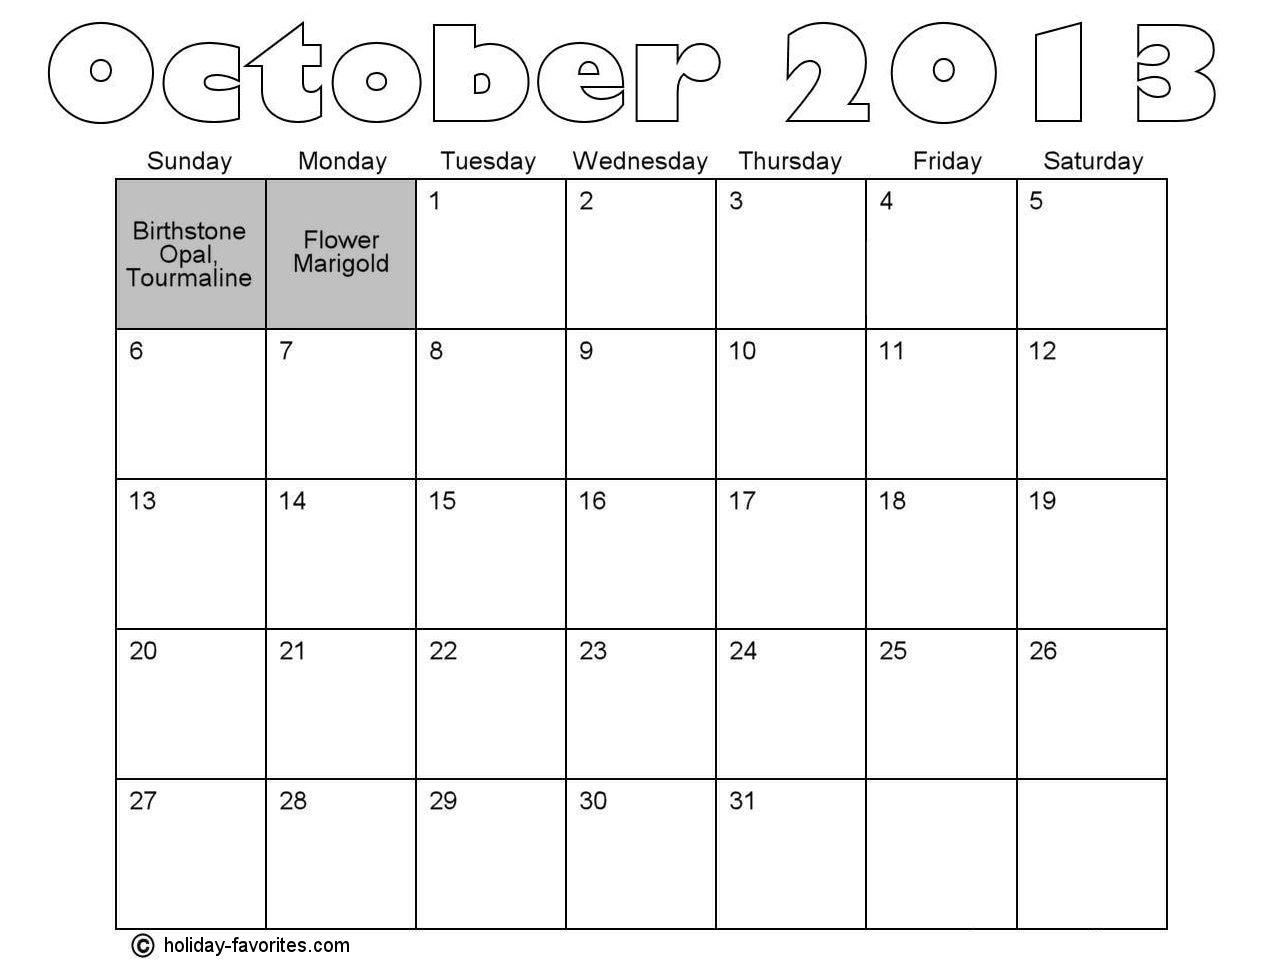 October Calendar 2013 : October holidays holiday favorites